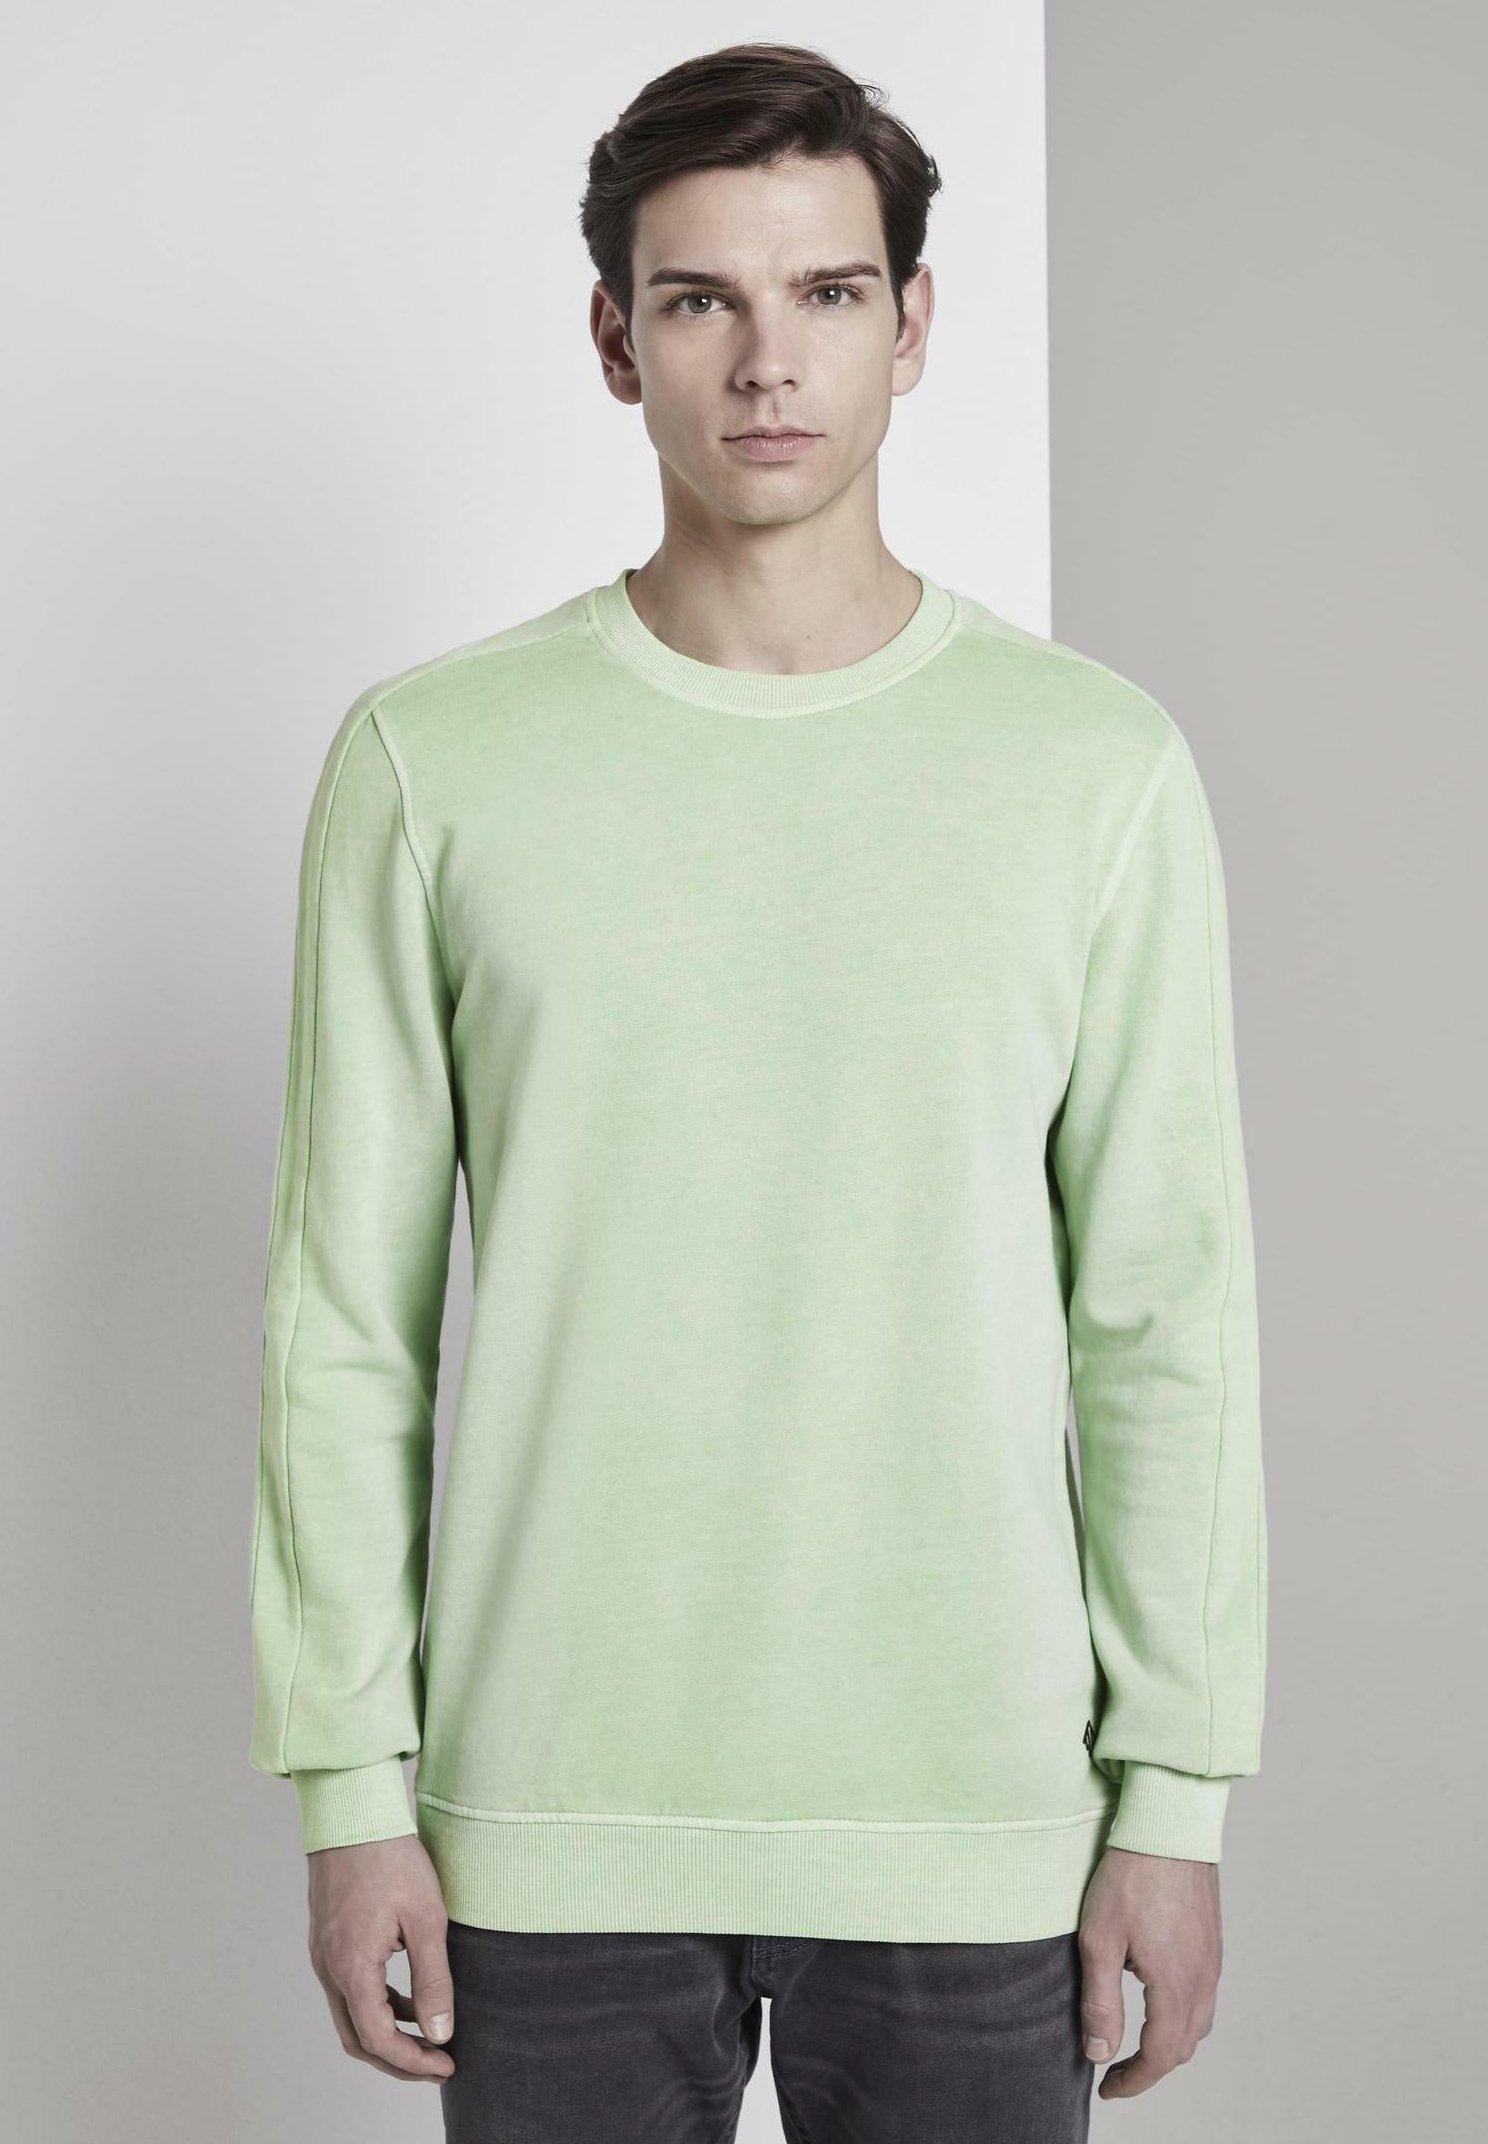 Homme TOM TAILOR DENIM STRICK & SWEATSHIRTS SWEATSHIRT MIT LOGO-PRINT - Sweatshirt